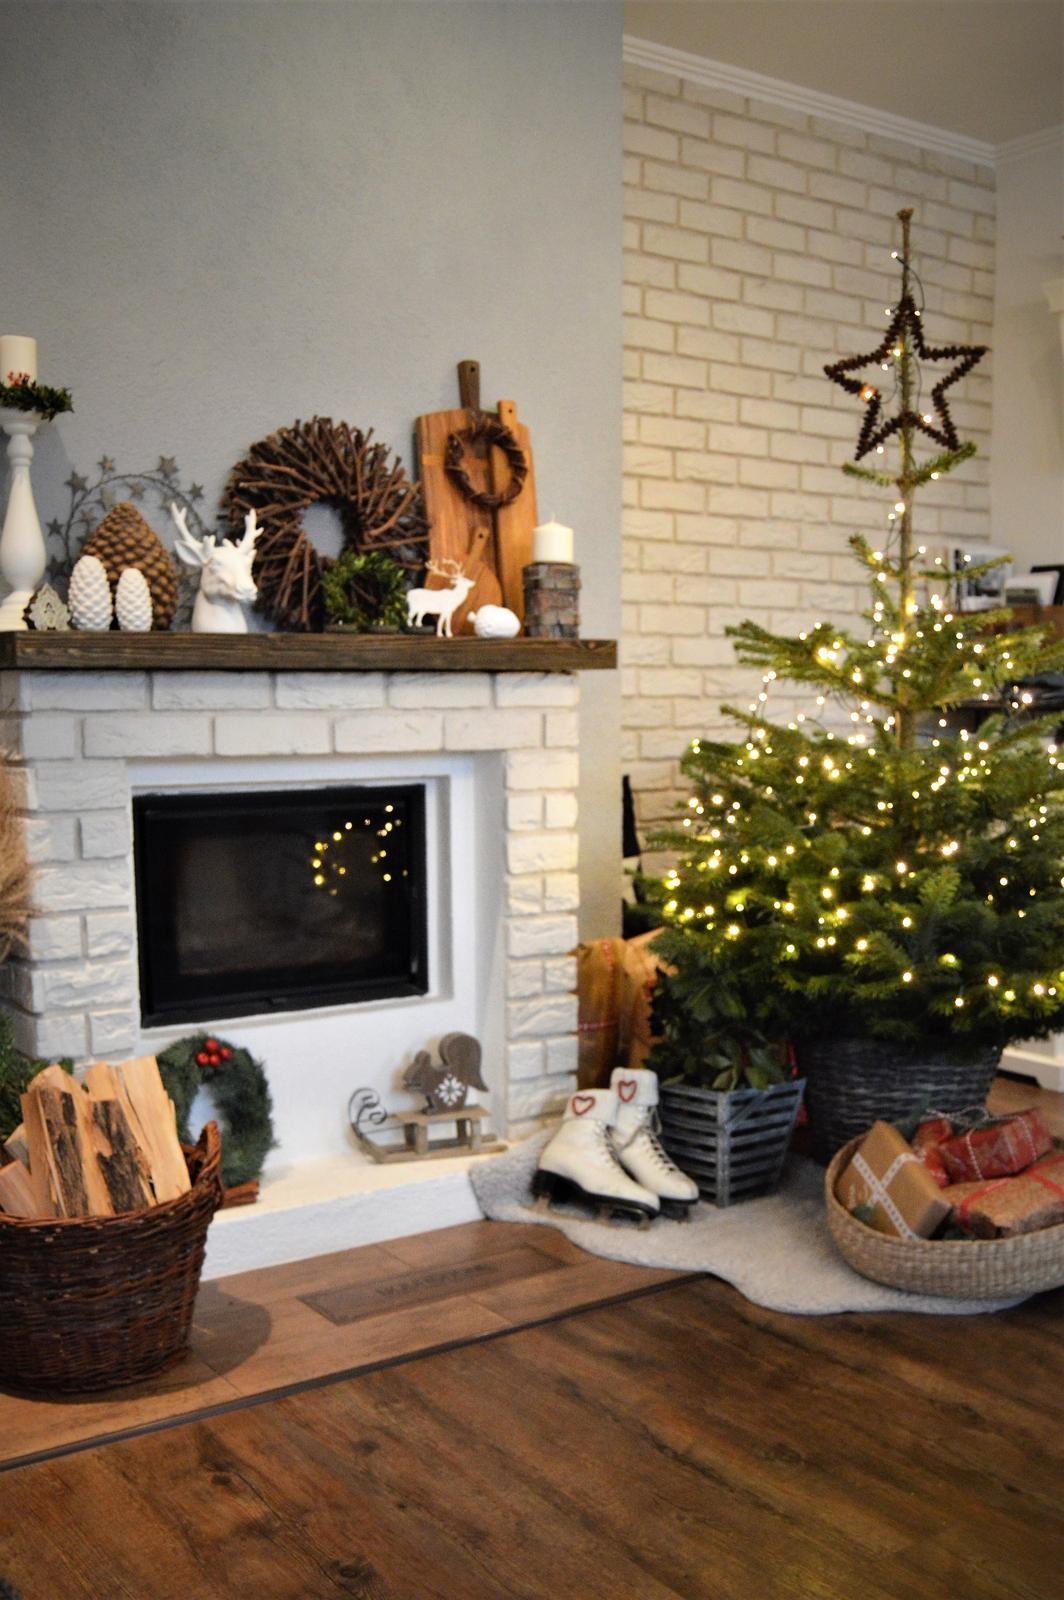 Vianočný čas u nás... - Obrázok č. 140